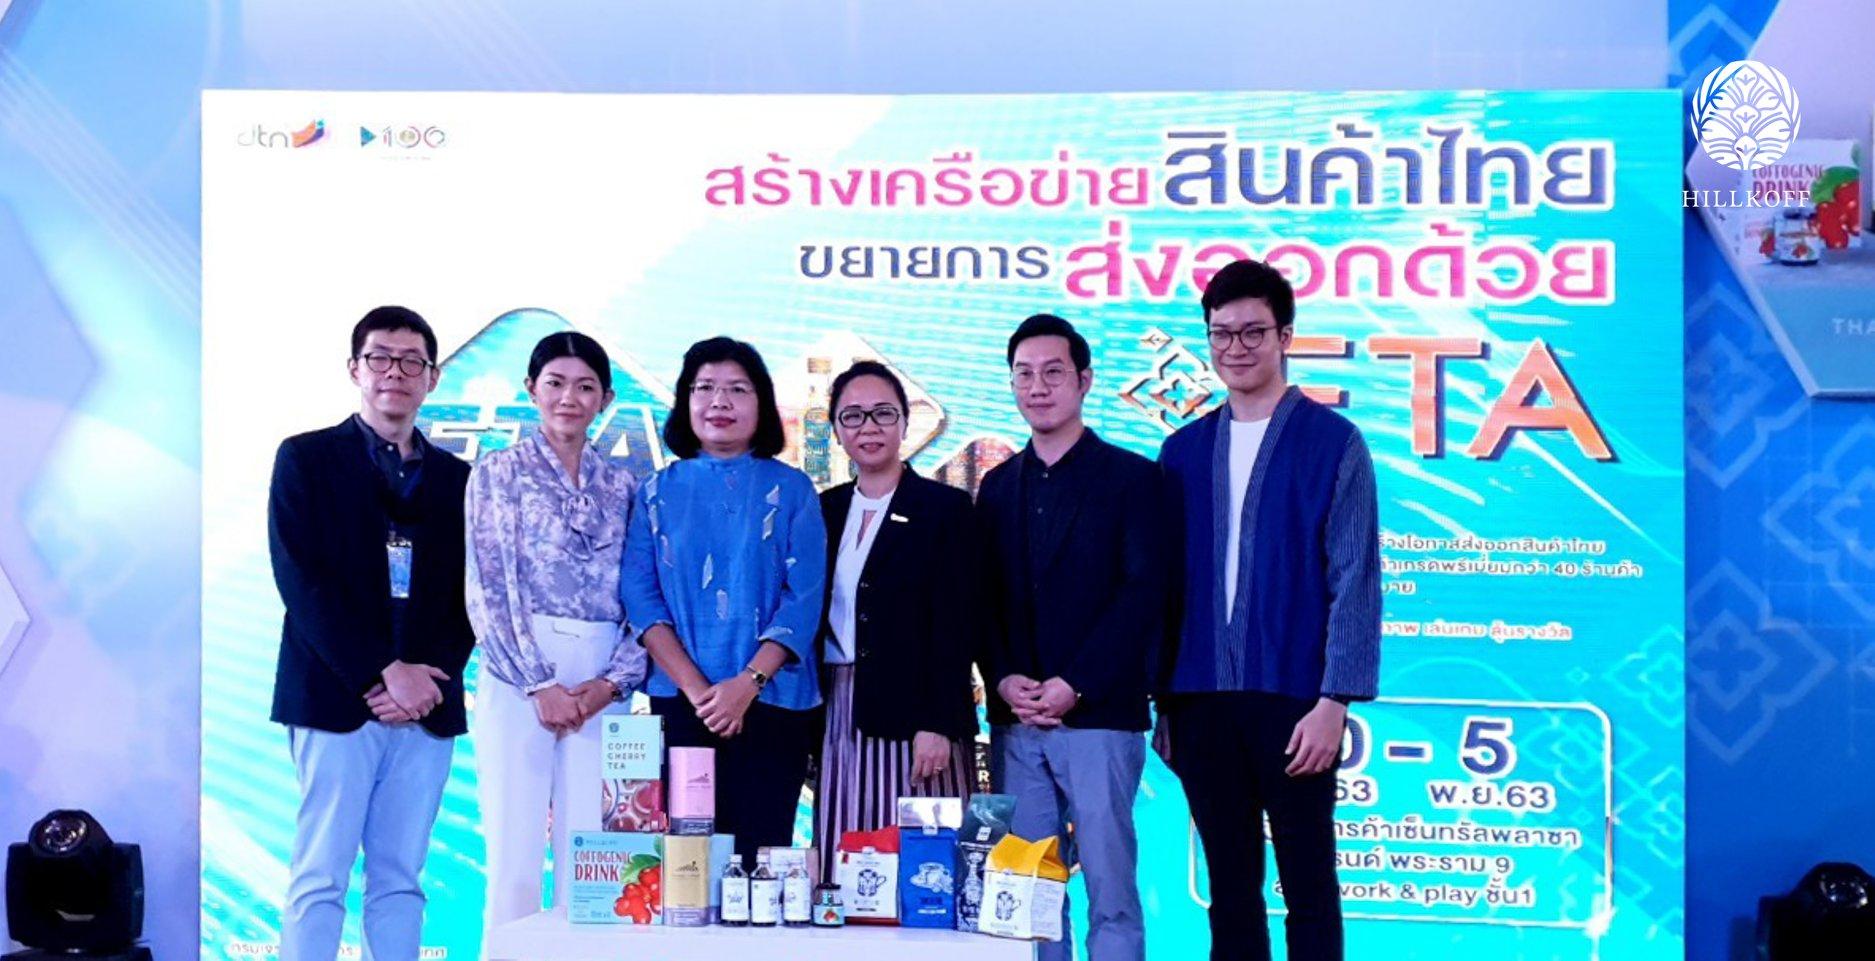 You are currently viewing Hillkoff ร่วมสร้างเครือข่ายสินค้าไทย ขยายการส่งออกด้วยบรรยากาศภายในงานสร้างเครือข่าย FTA FAIR นำสินค้าไทย สู่การค้าเสรี